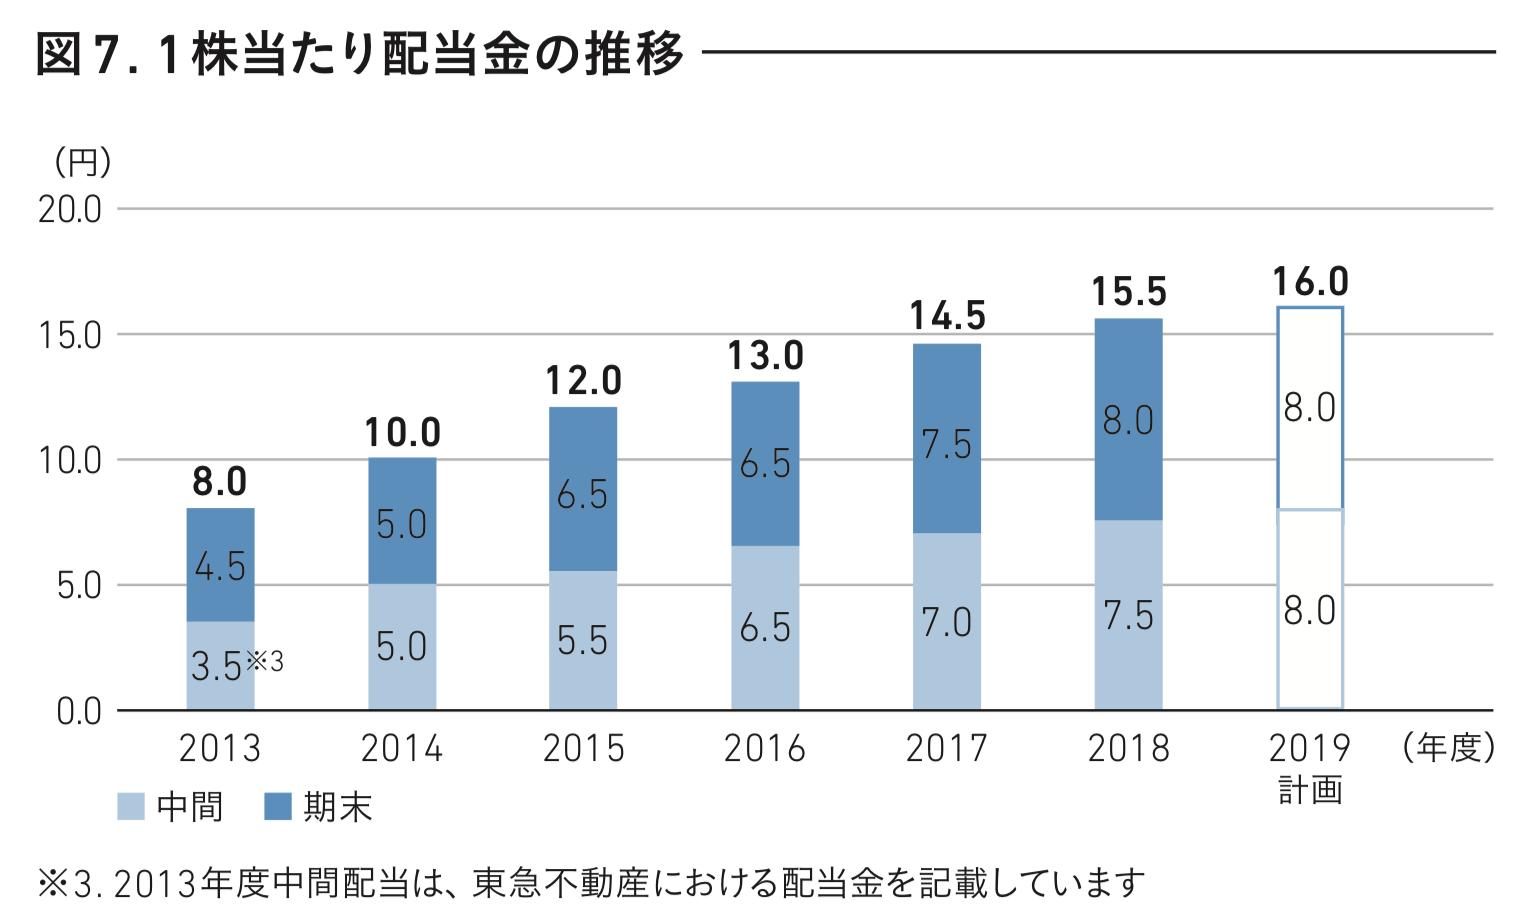 東急不動産ホールディングス 1株当たり配当金の推移